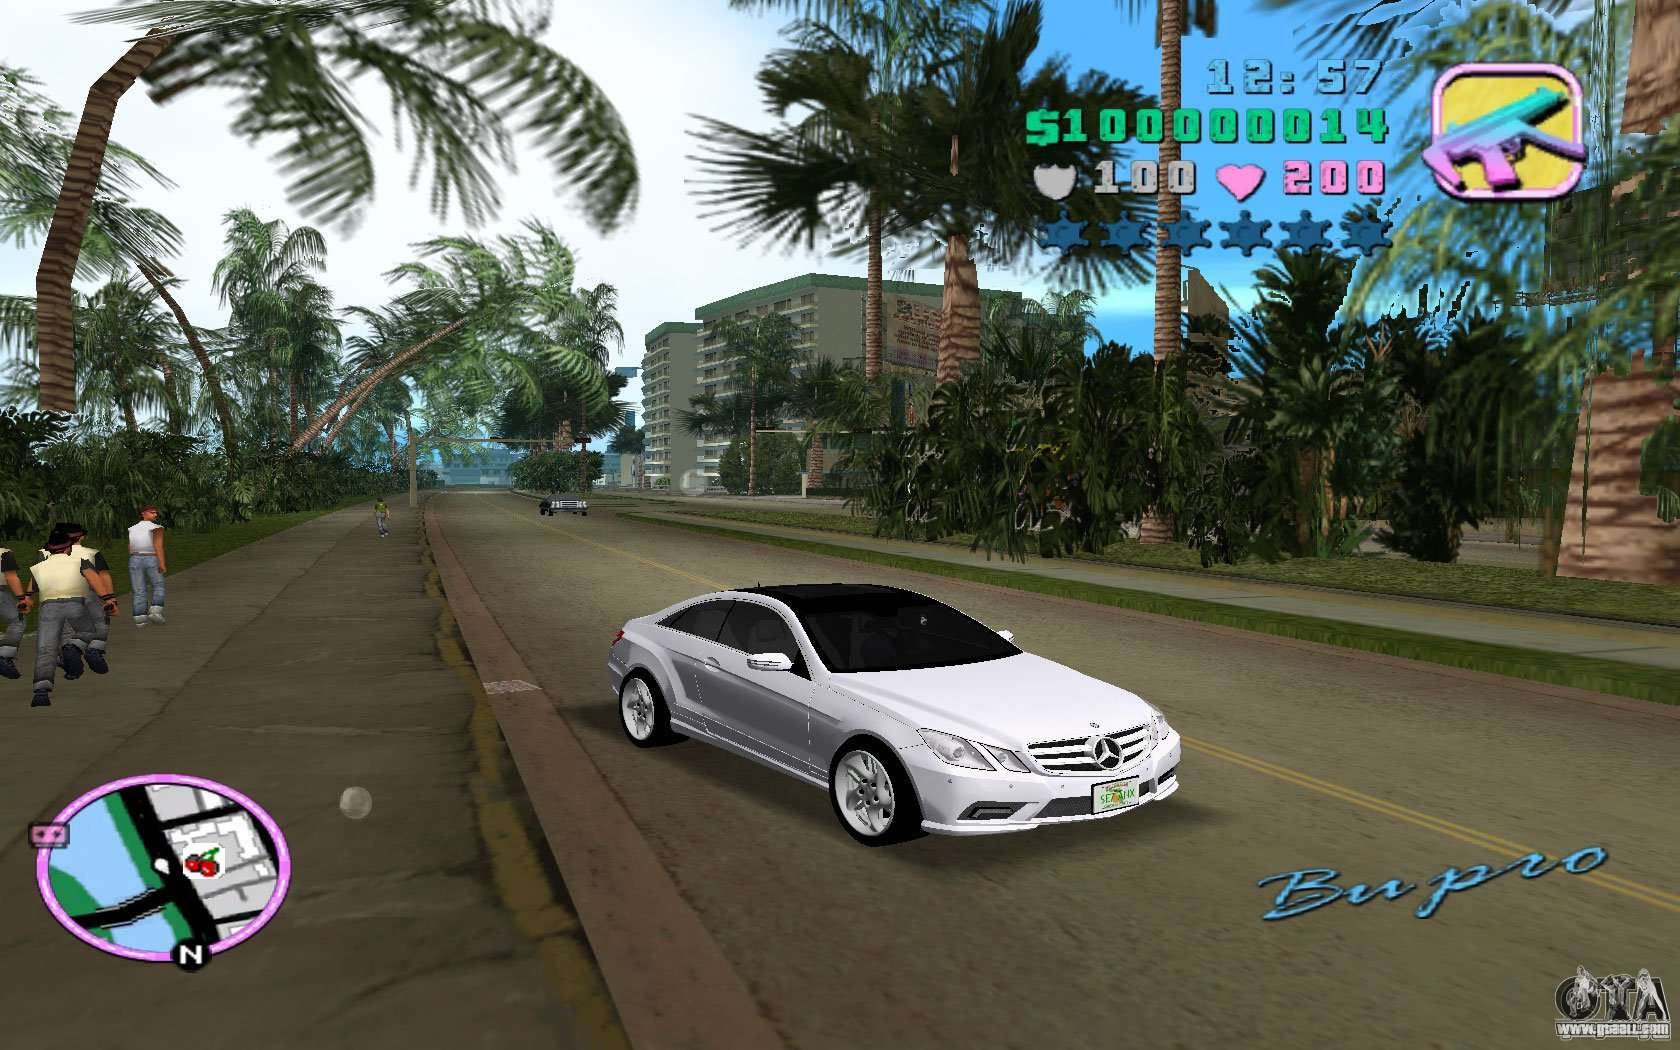 Gta Vice City Mercedes Car